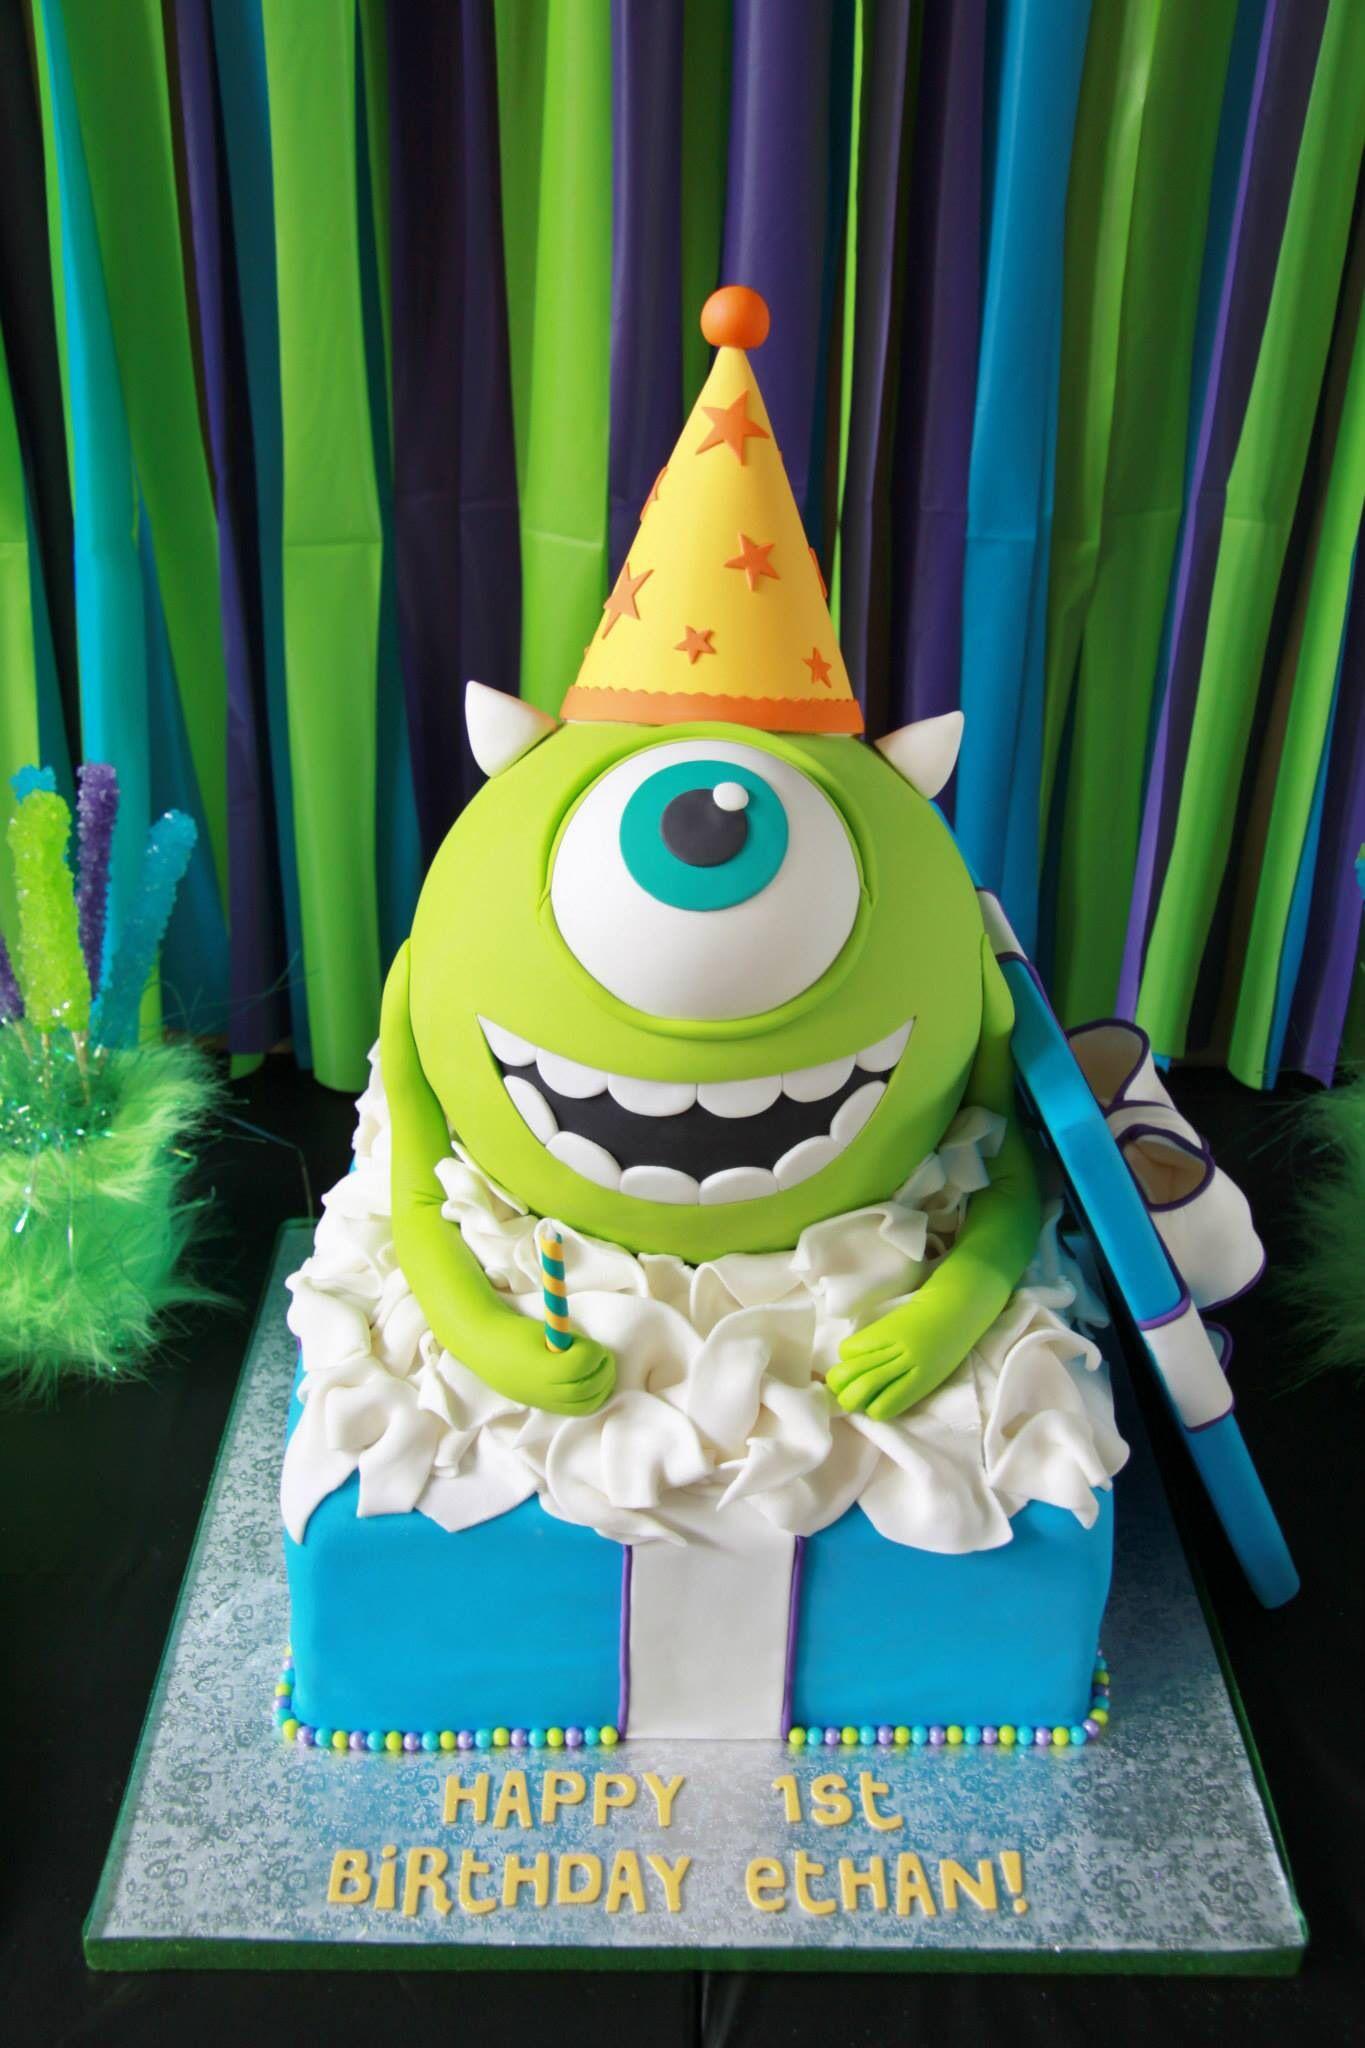 Wondrous Monsters Inc Mike Wazowski 1St Birthday Cake By Funny Birthday Cards Online Kookostrdamsfinfo